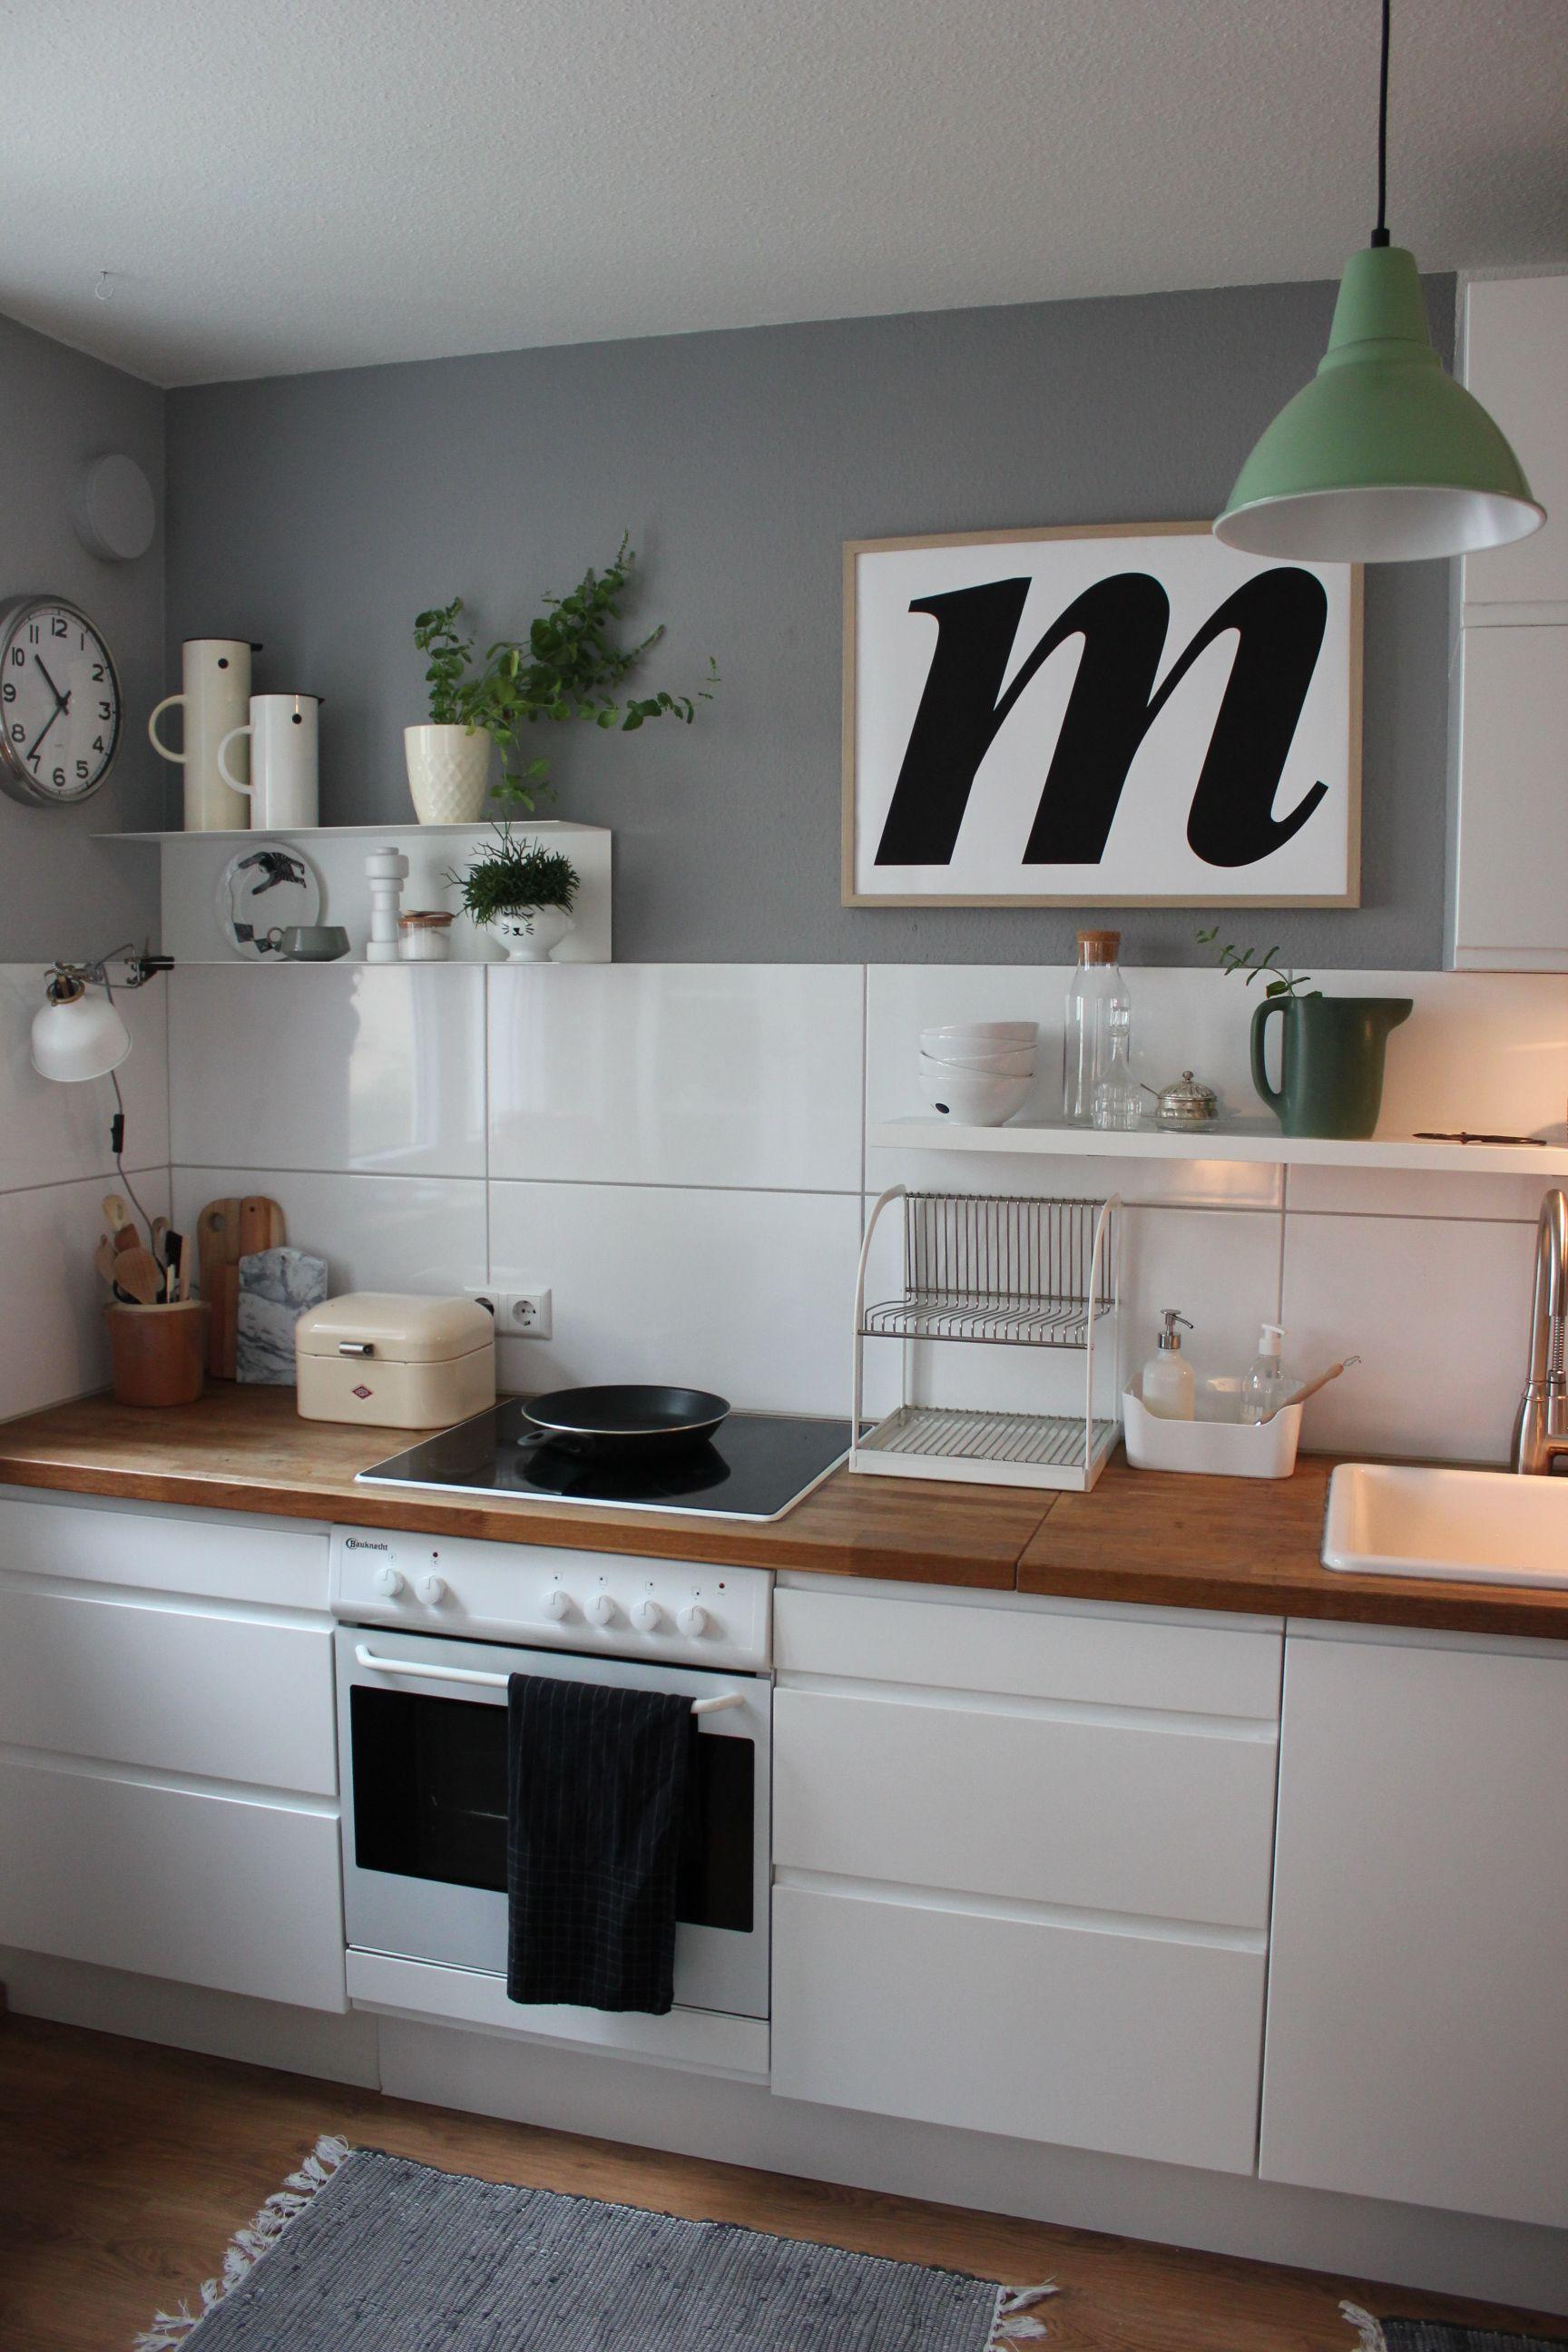 Großzügig Küche Lagerung Ideen Für Kleine Wohnungen Bilder - Ideen ...